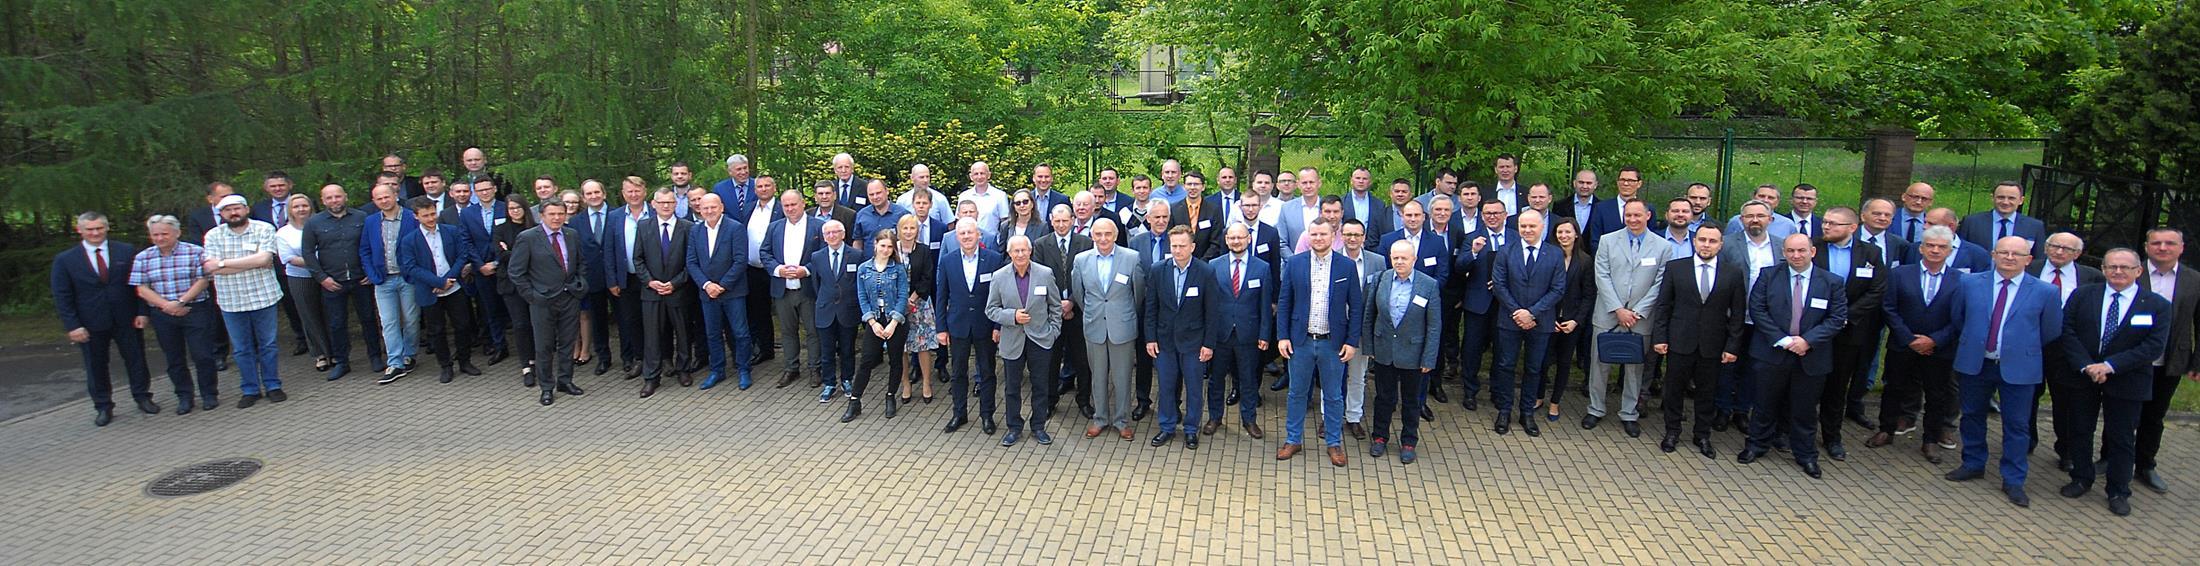 XXV. Naukowo – techniczna  krajowa konferencja spawalnicza w Międzyzdrojach – zapowiedź  i zaproszenie do uczestnictwa